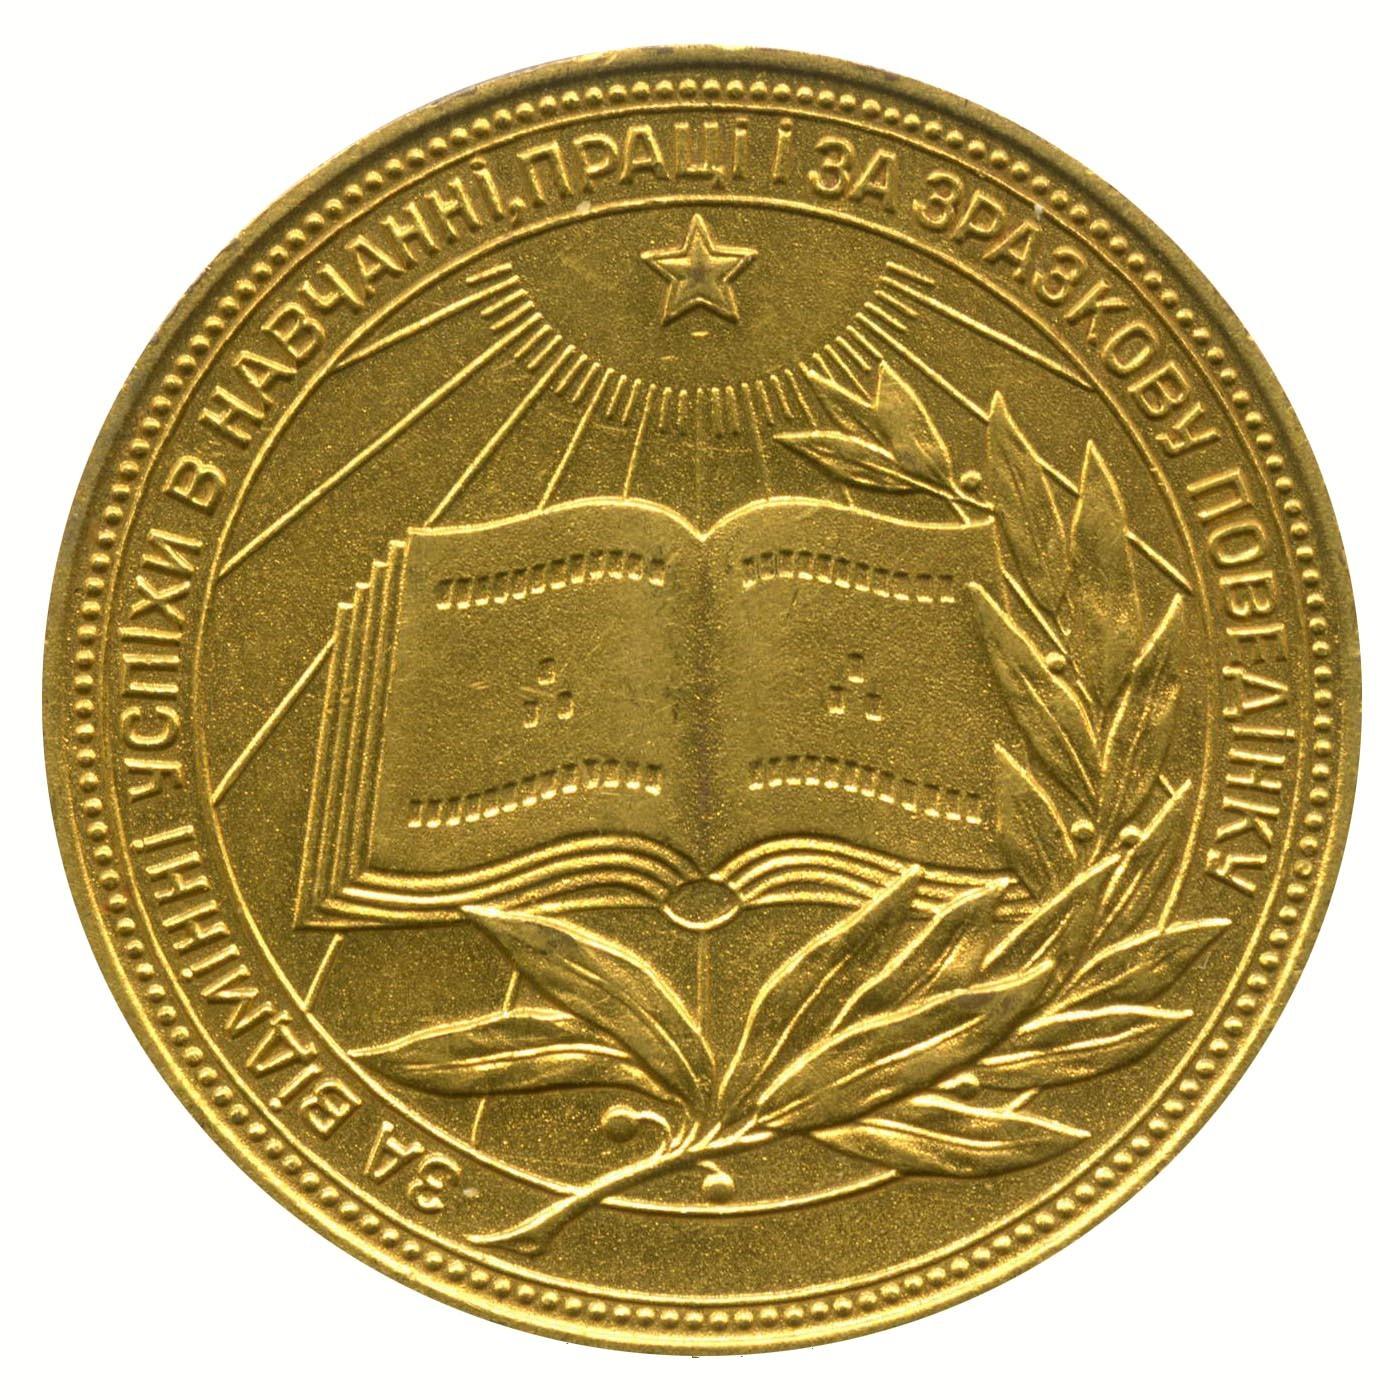 Школьная золотая медаль Украинская ССР (разн. 2 - звездочка указывает на Ц) 1960 год. XF- (запил на гурте)